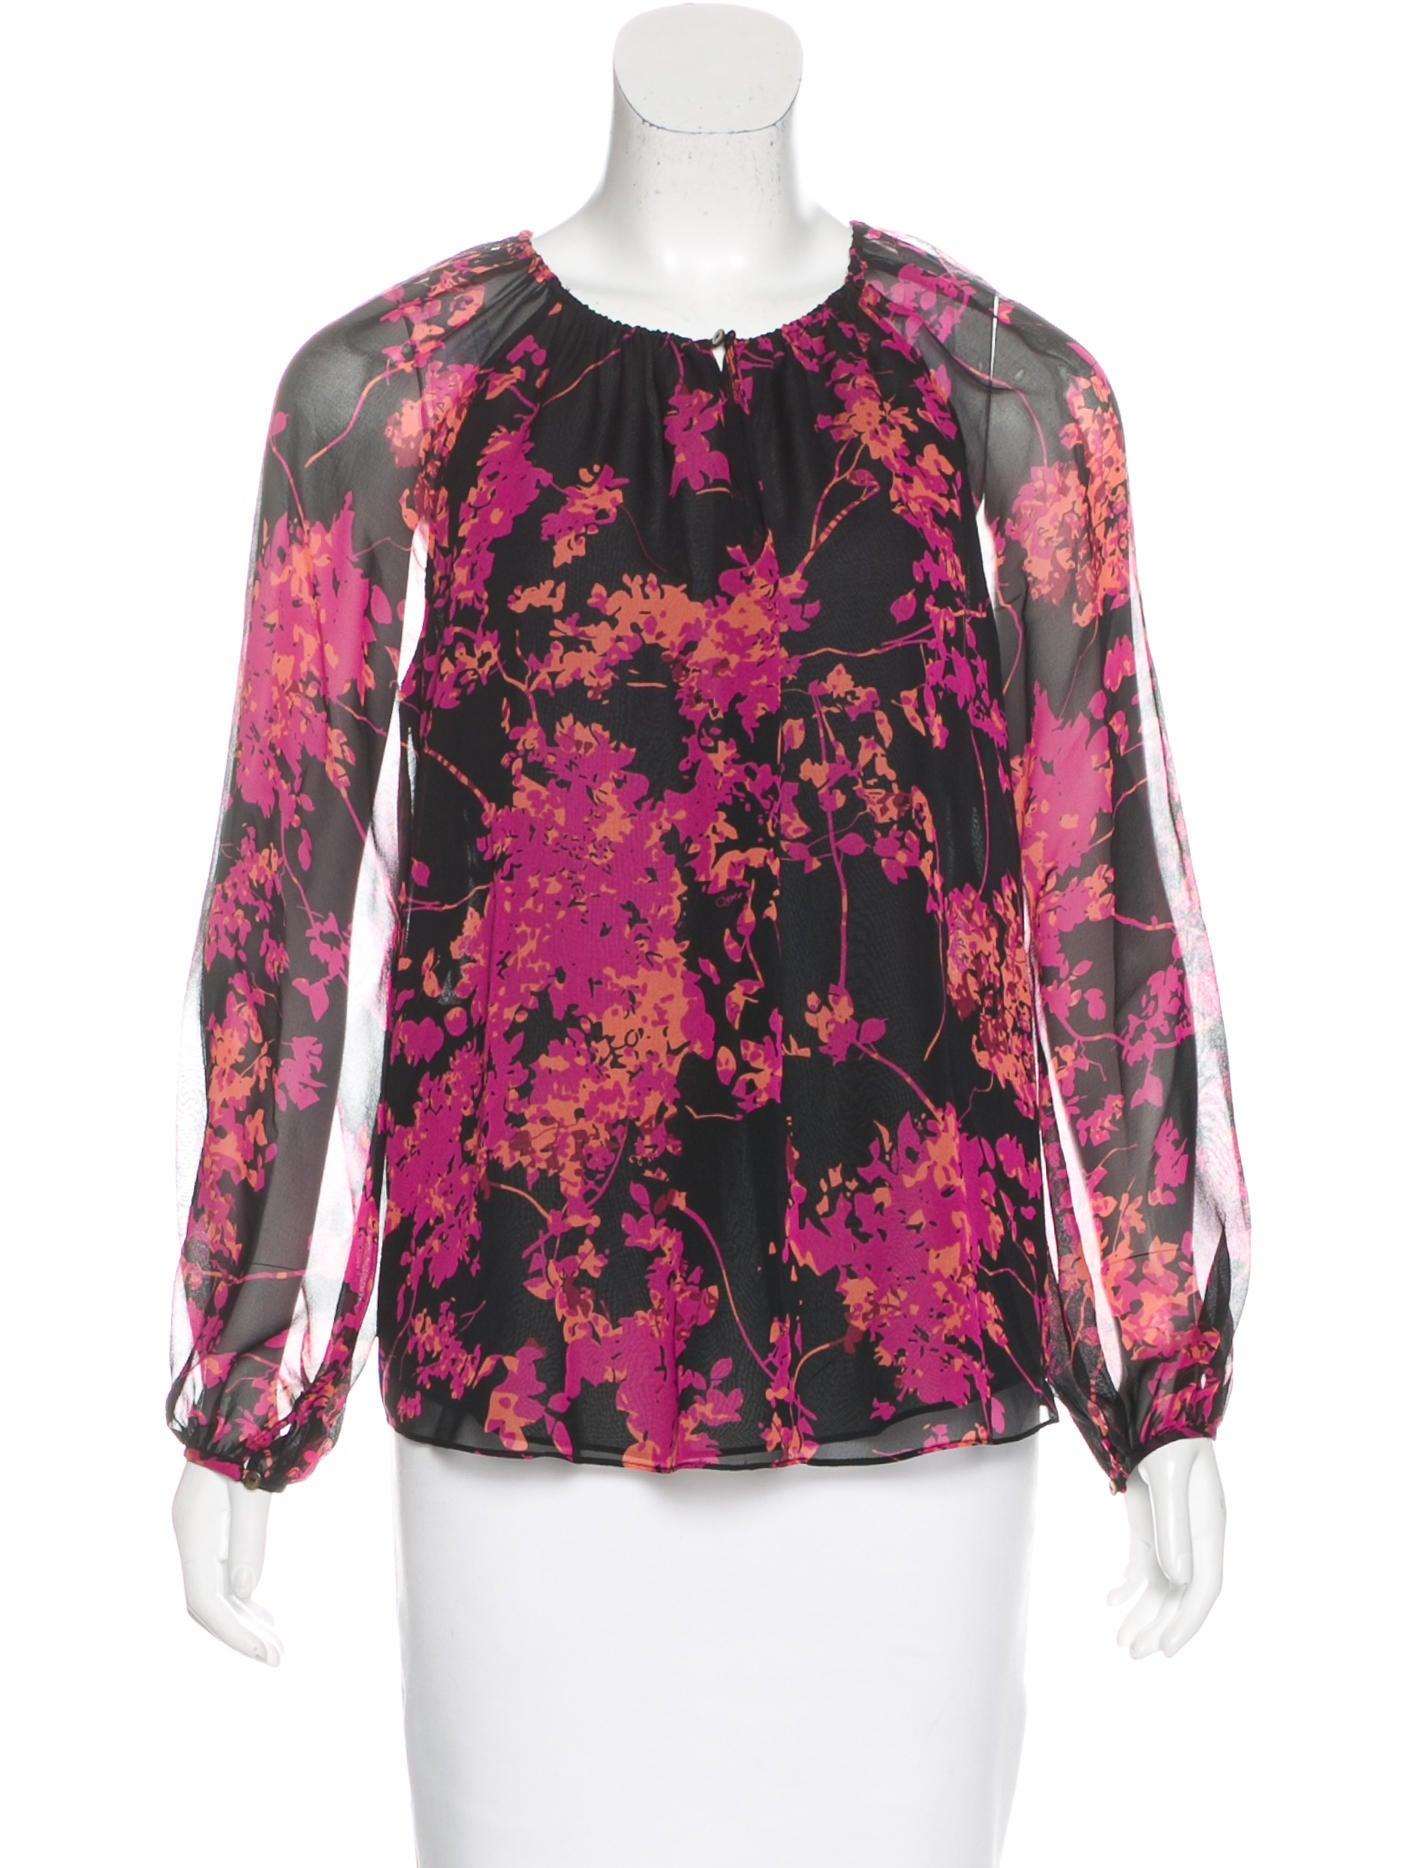 Diane von furstenberg marnie silk blouse clothing for Diane von furstenberg shirt